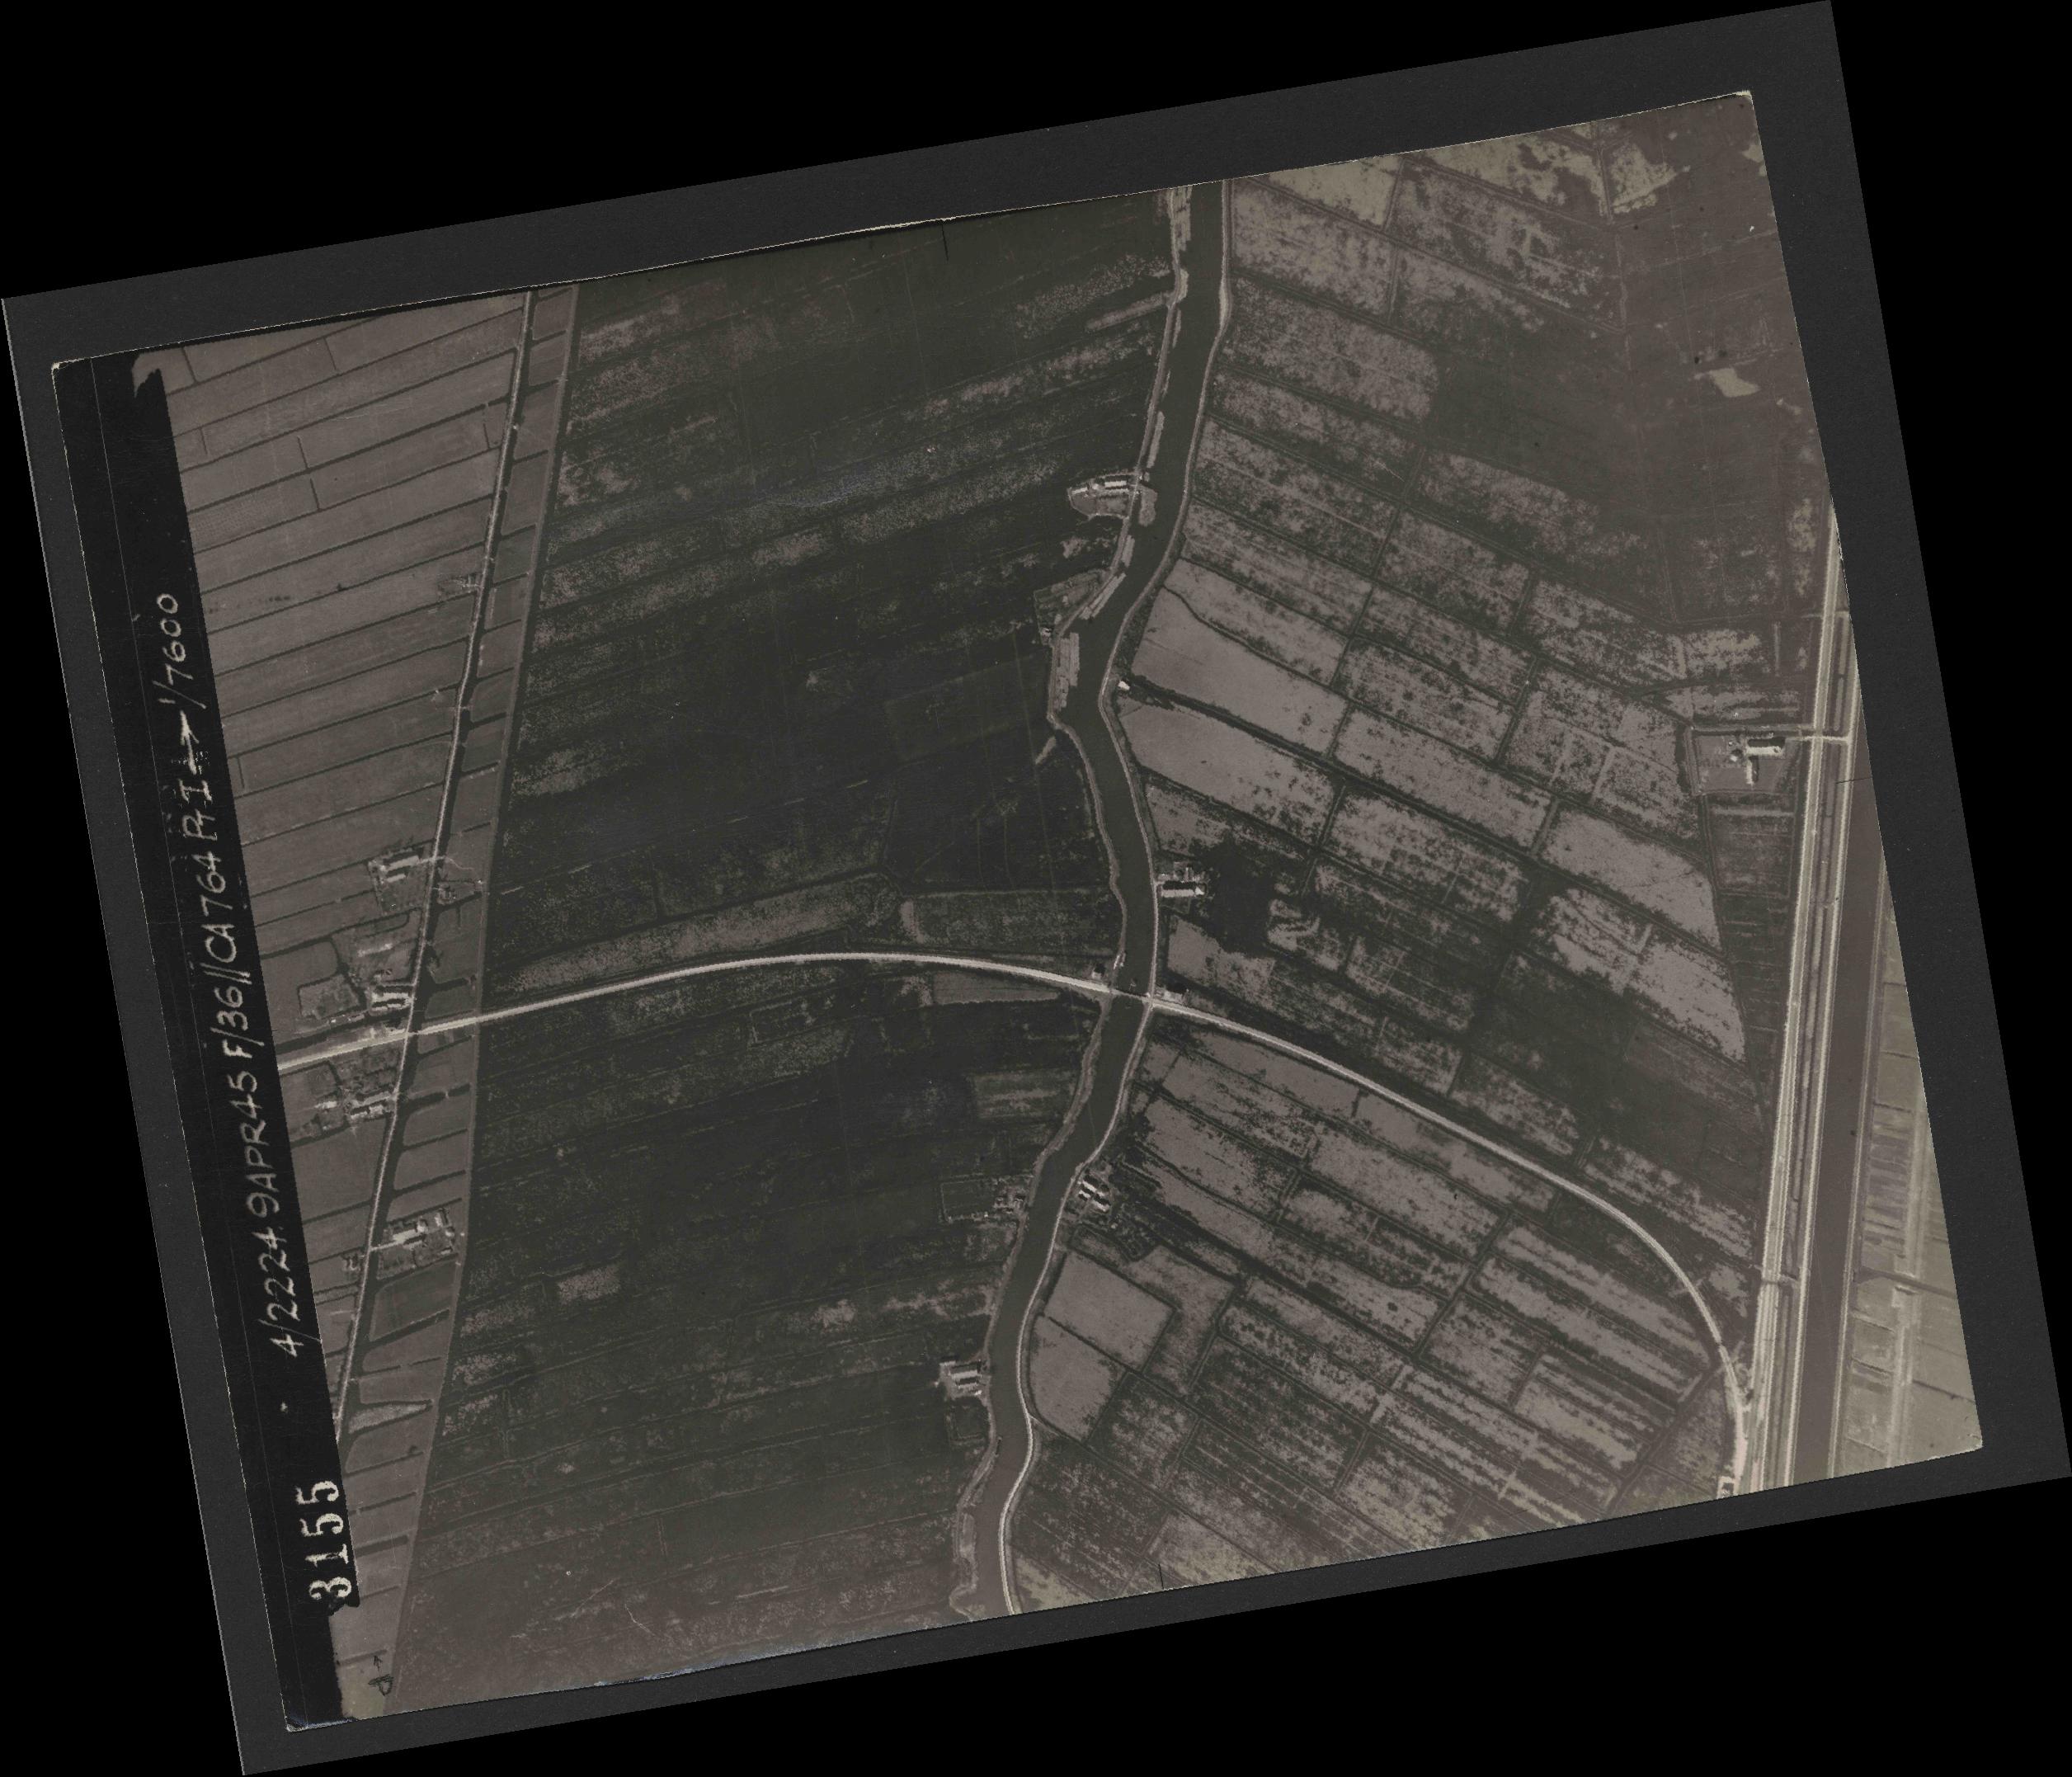 Collection RAF aerial photos 1940-1945 - flight 271, run 11, photo 3155